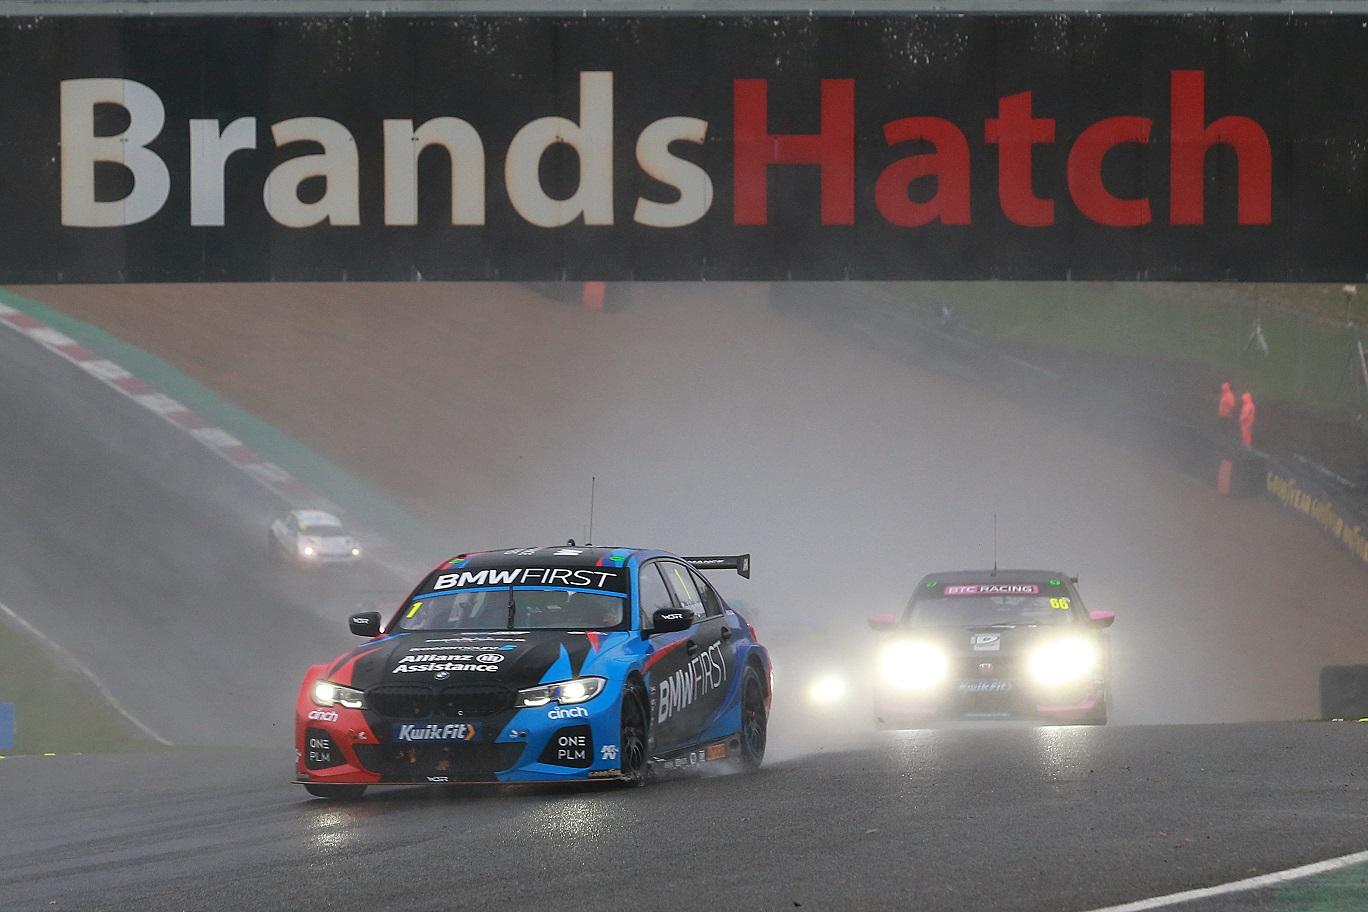 BMW a câștigat titlul constructorilor în BTCC